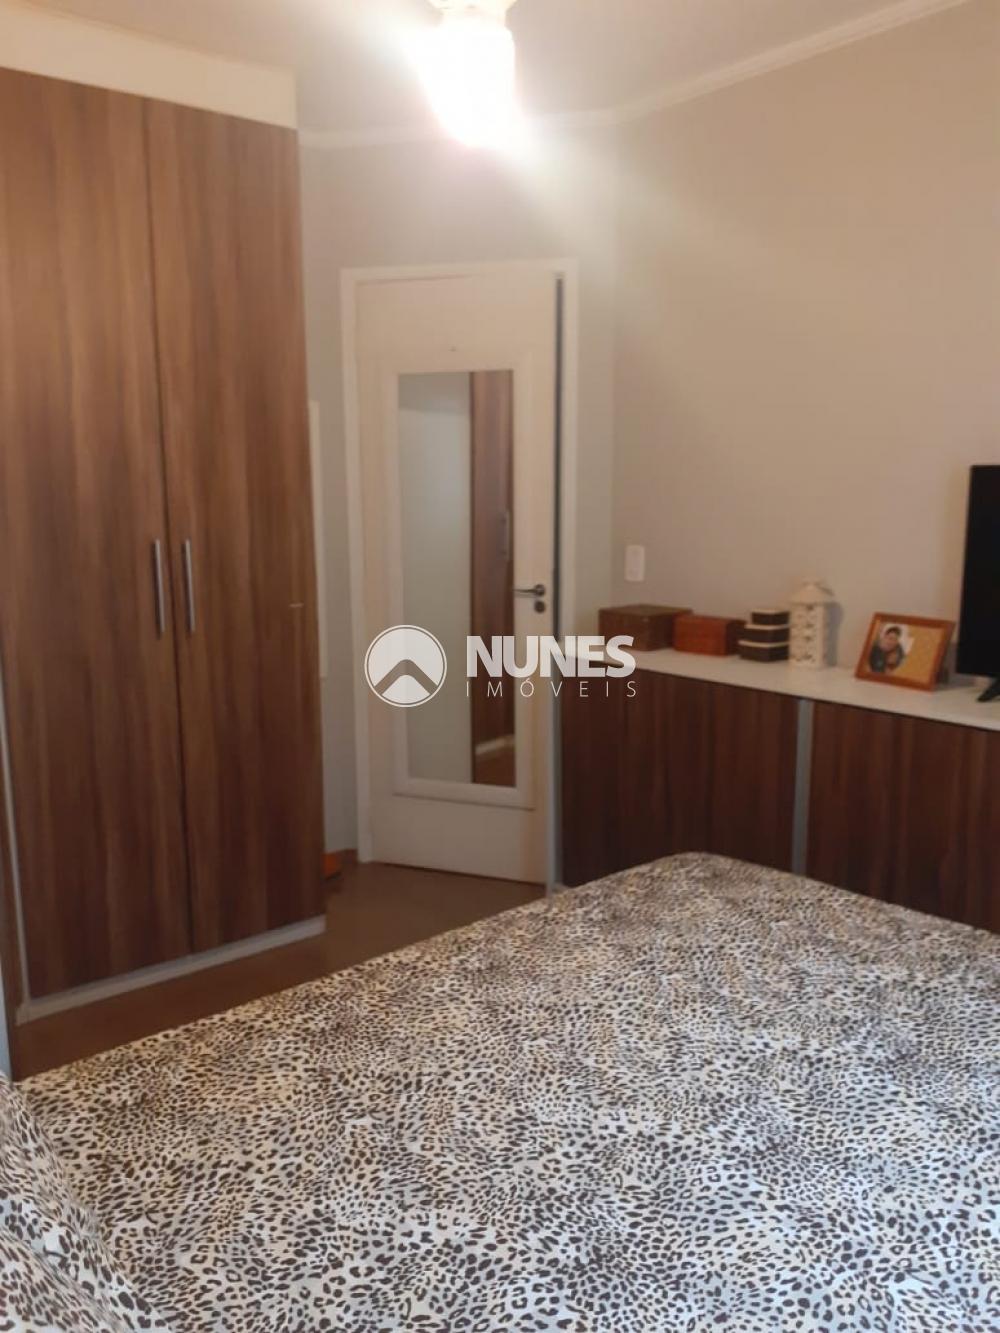 Comprar Apartamento / Padrão em Osasco apenas R$ 265.000,00 - Foto 12